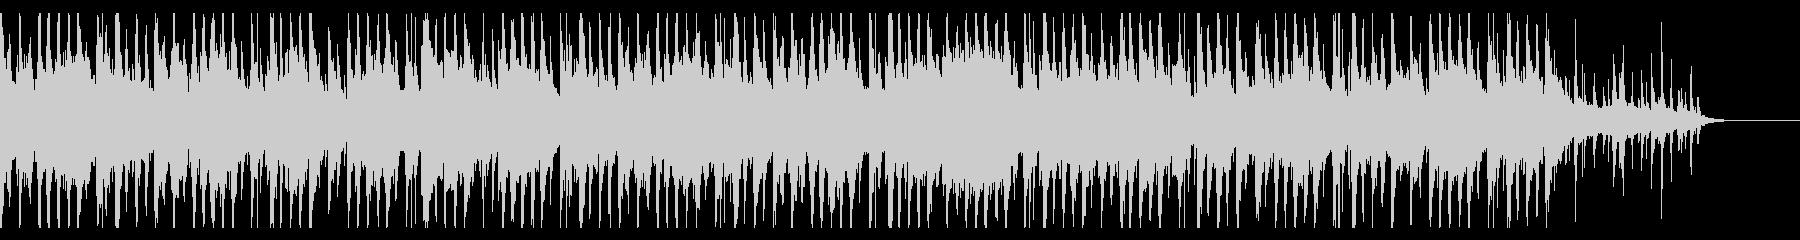 メロディアスでシンプルなジャズの未再生の波形